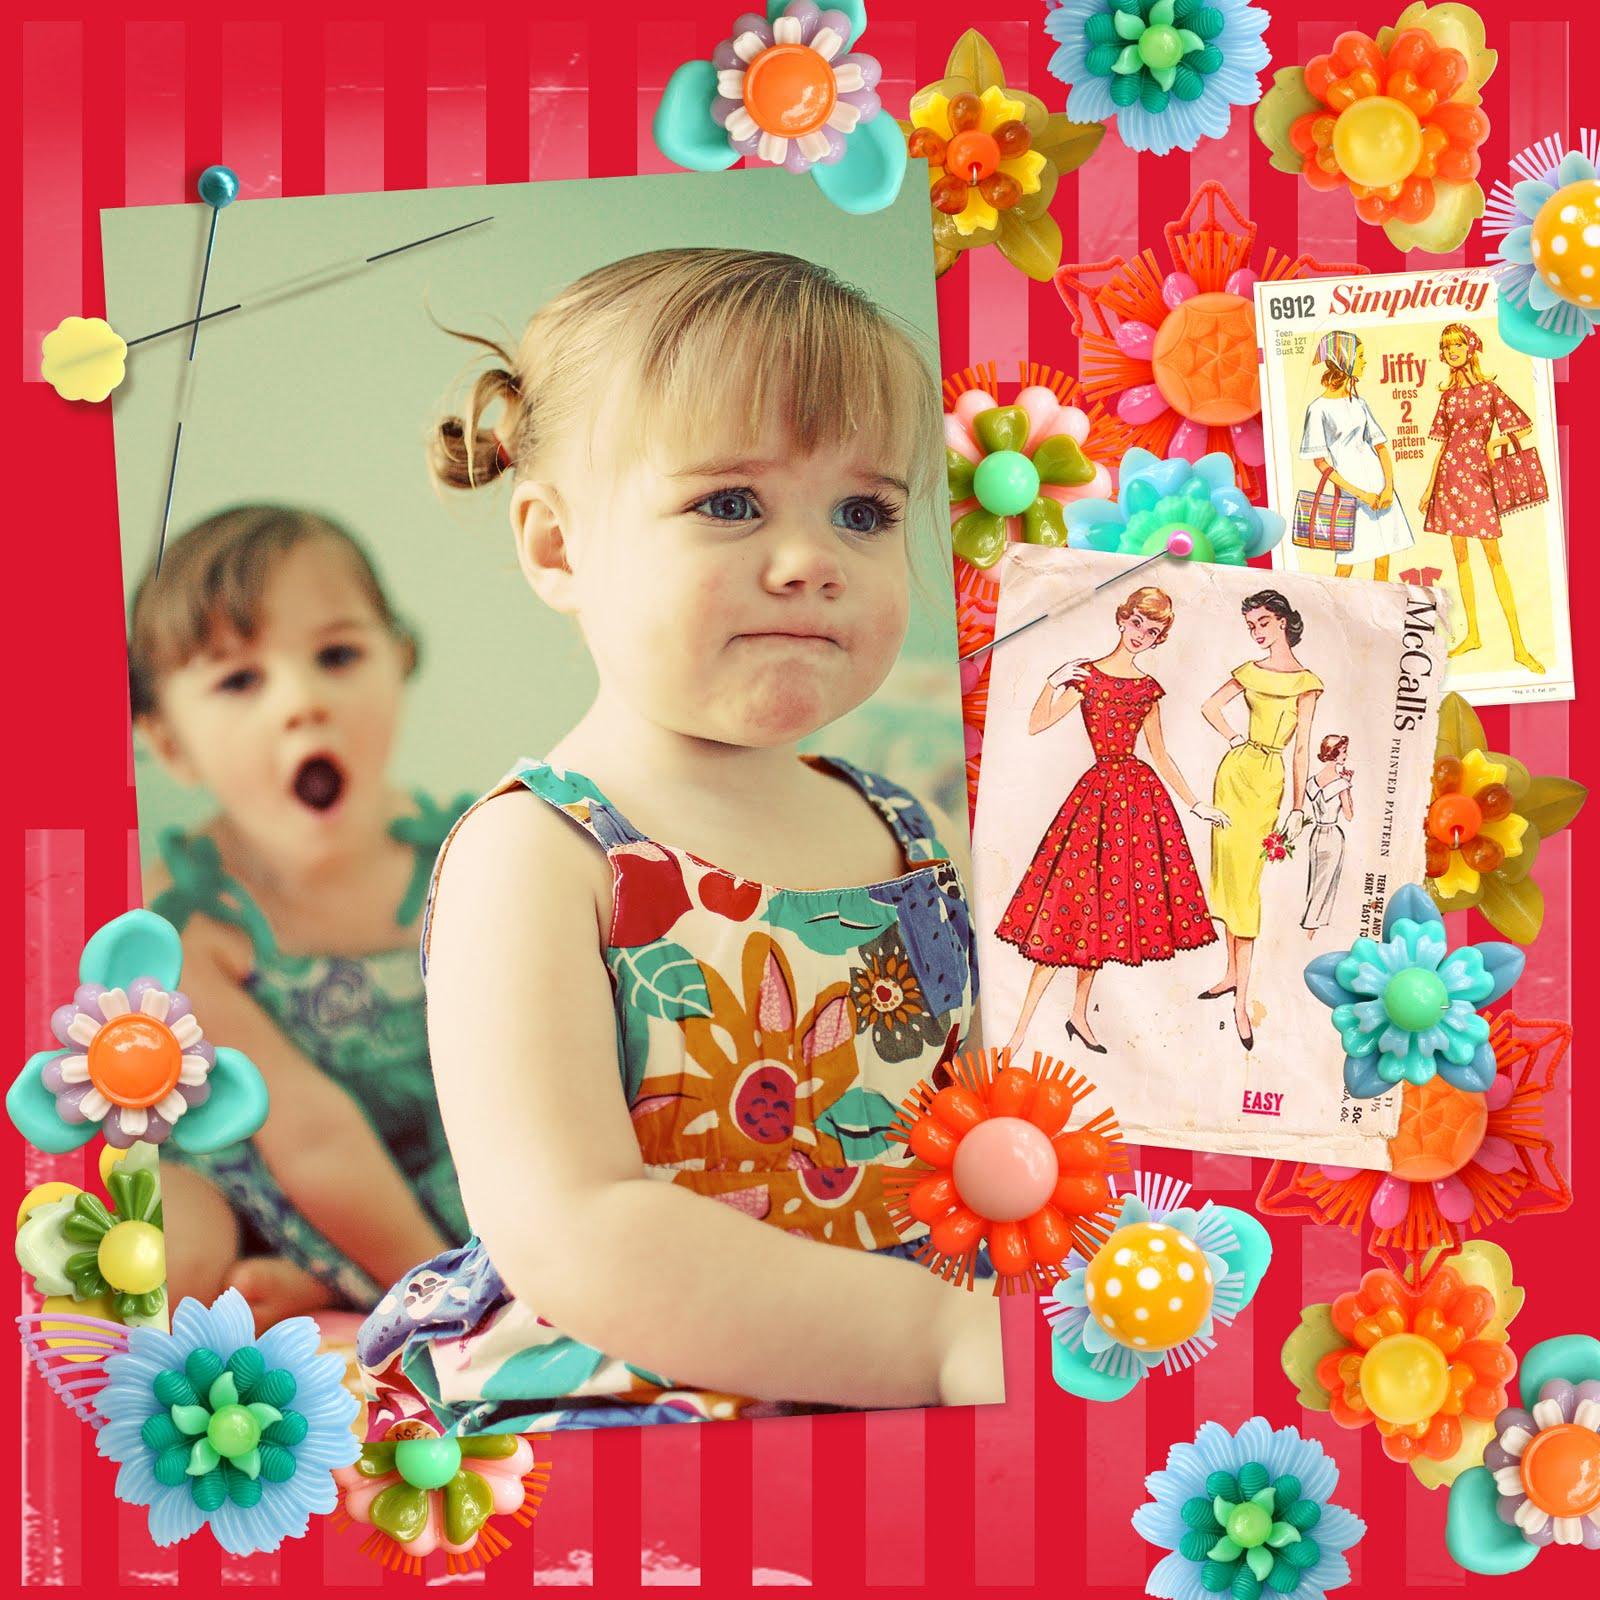 http://4.bp.blogspot.com/_5wzjTT2WwKA/S-rwbGgvrqI/AAAAAAAABlE/d246HxevOmM/s1600/SillyFlowerGirls.jpg